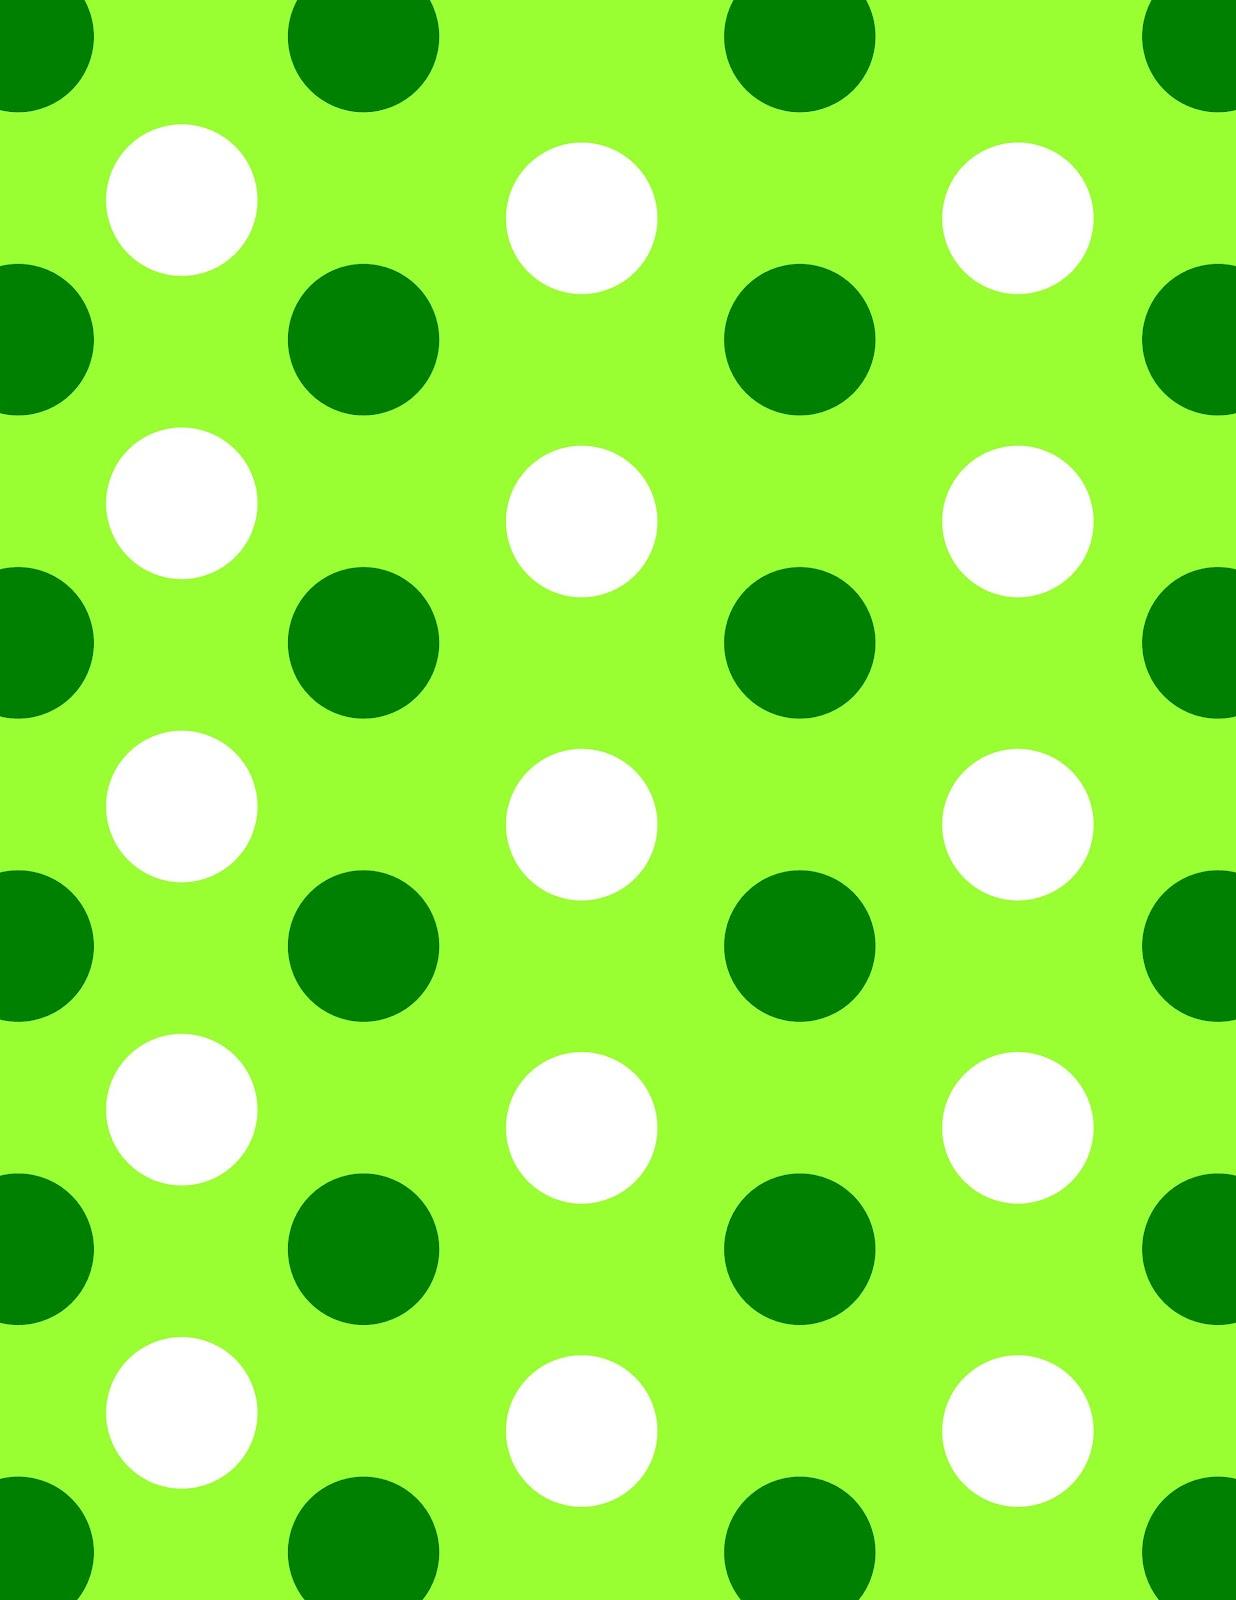 green polka dot border clipart best